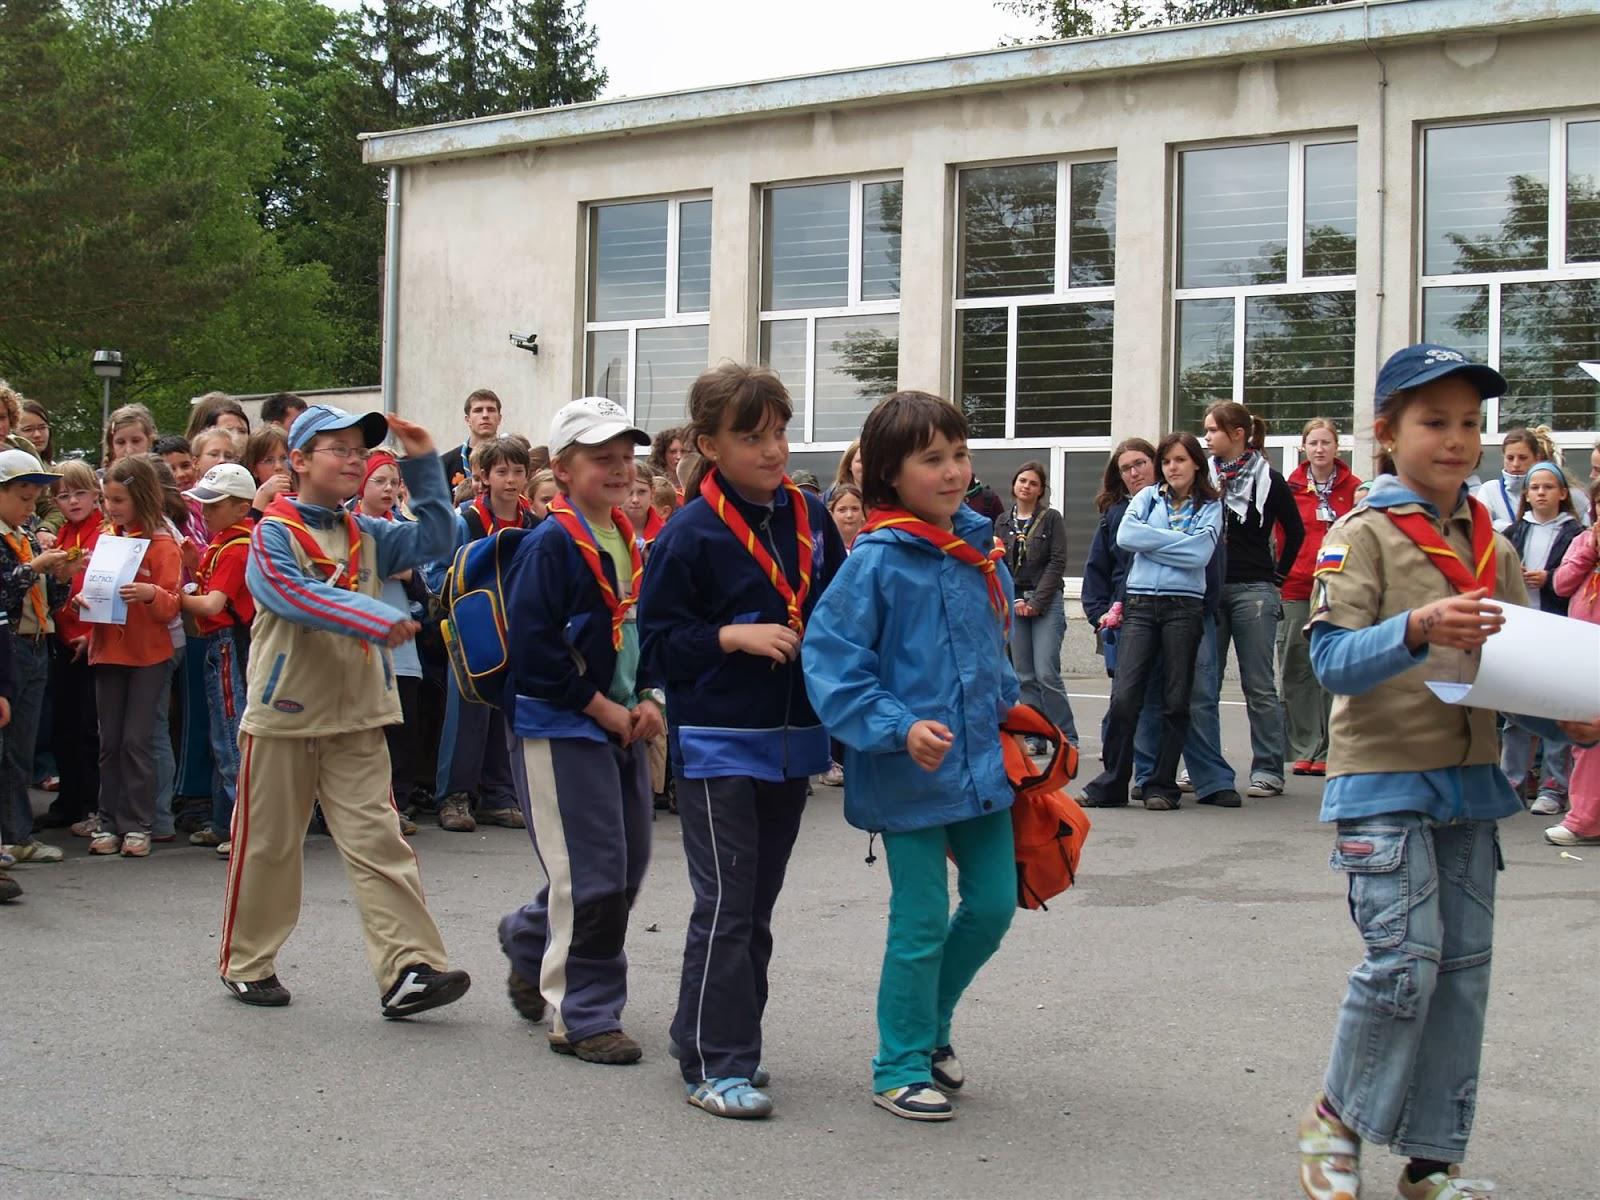 Področni mnogoboj MČ, Ilirska Bistrica 2006 - P0213905.JPG